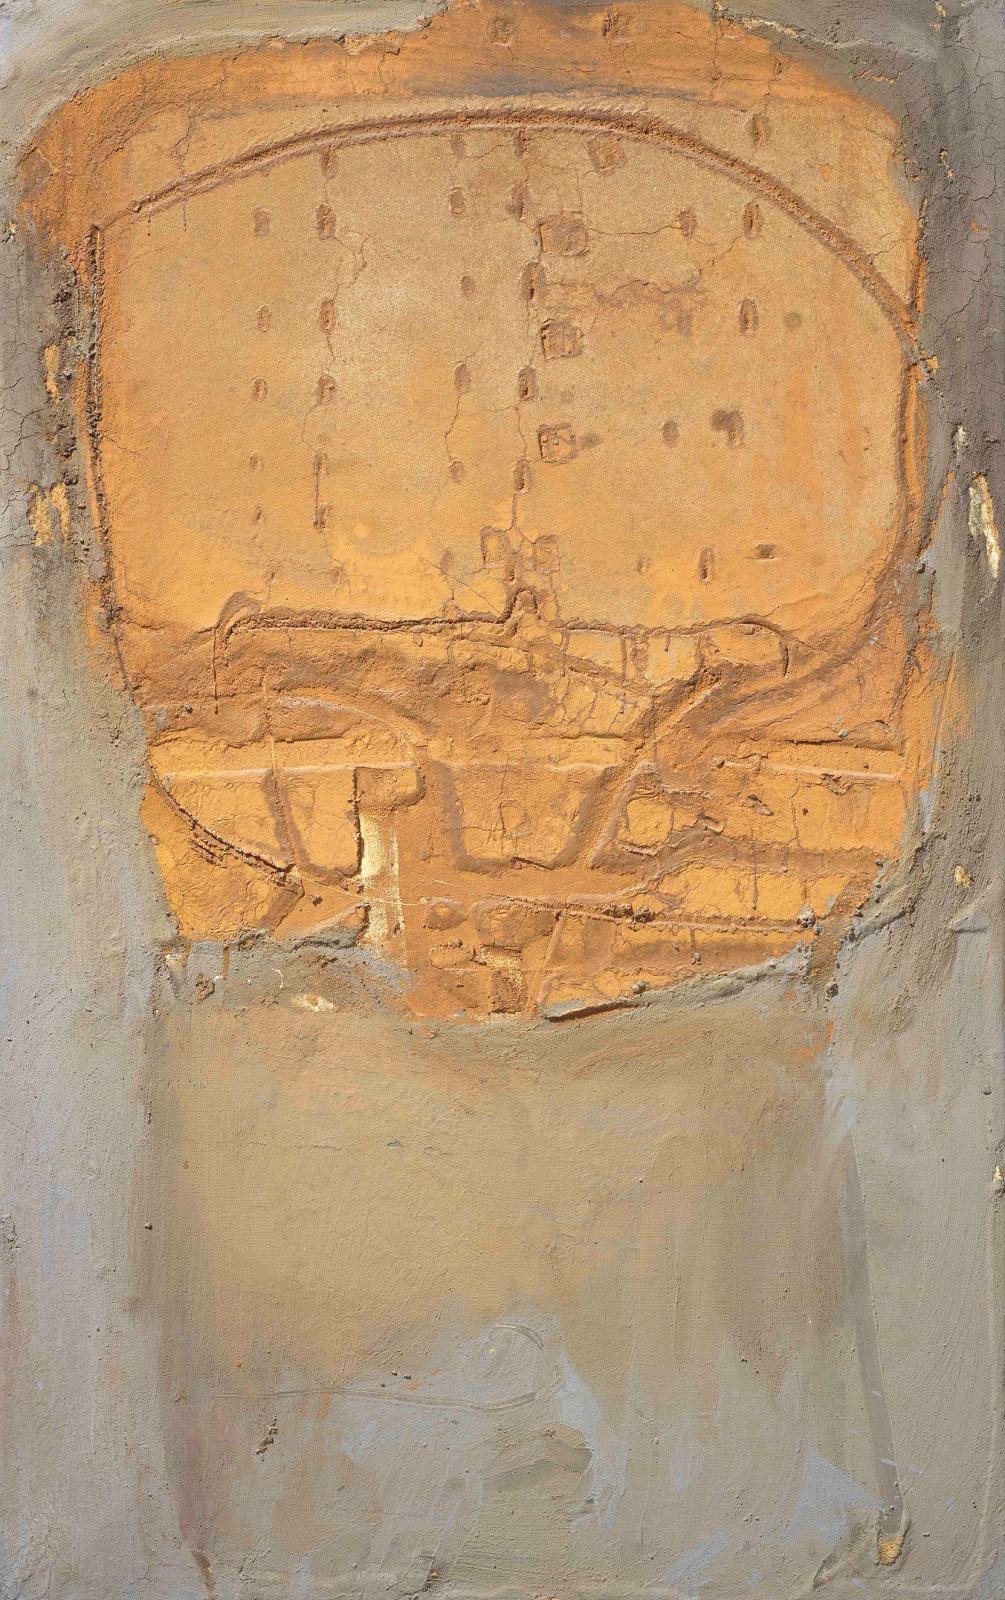 Antoni Tàpies, Ocre sobre gris-verd, 1959, technique mixte sur toile, 130 x 81,5 cm. @ COURTESY GALERIE MAYORAL